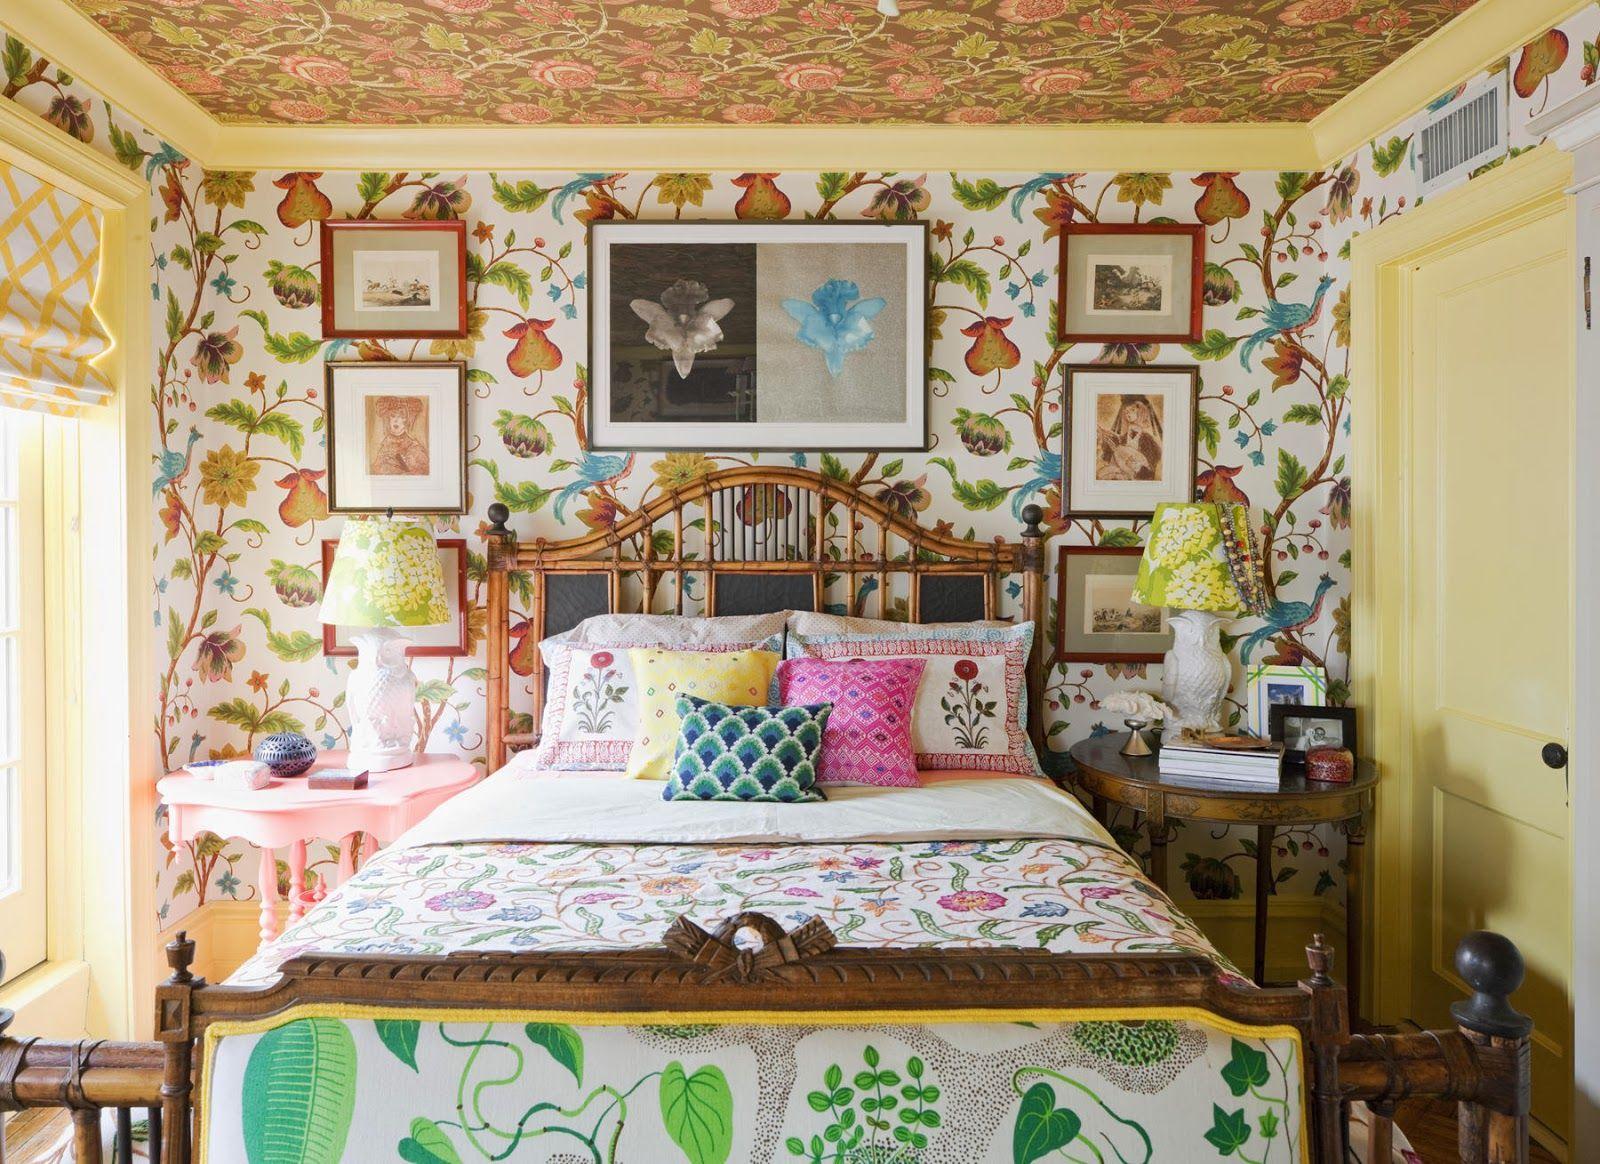 A Ccolorful Home in Brooklyn | John Loecke, Inc